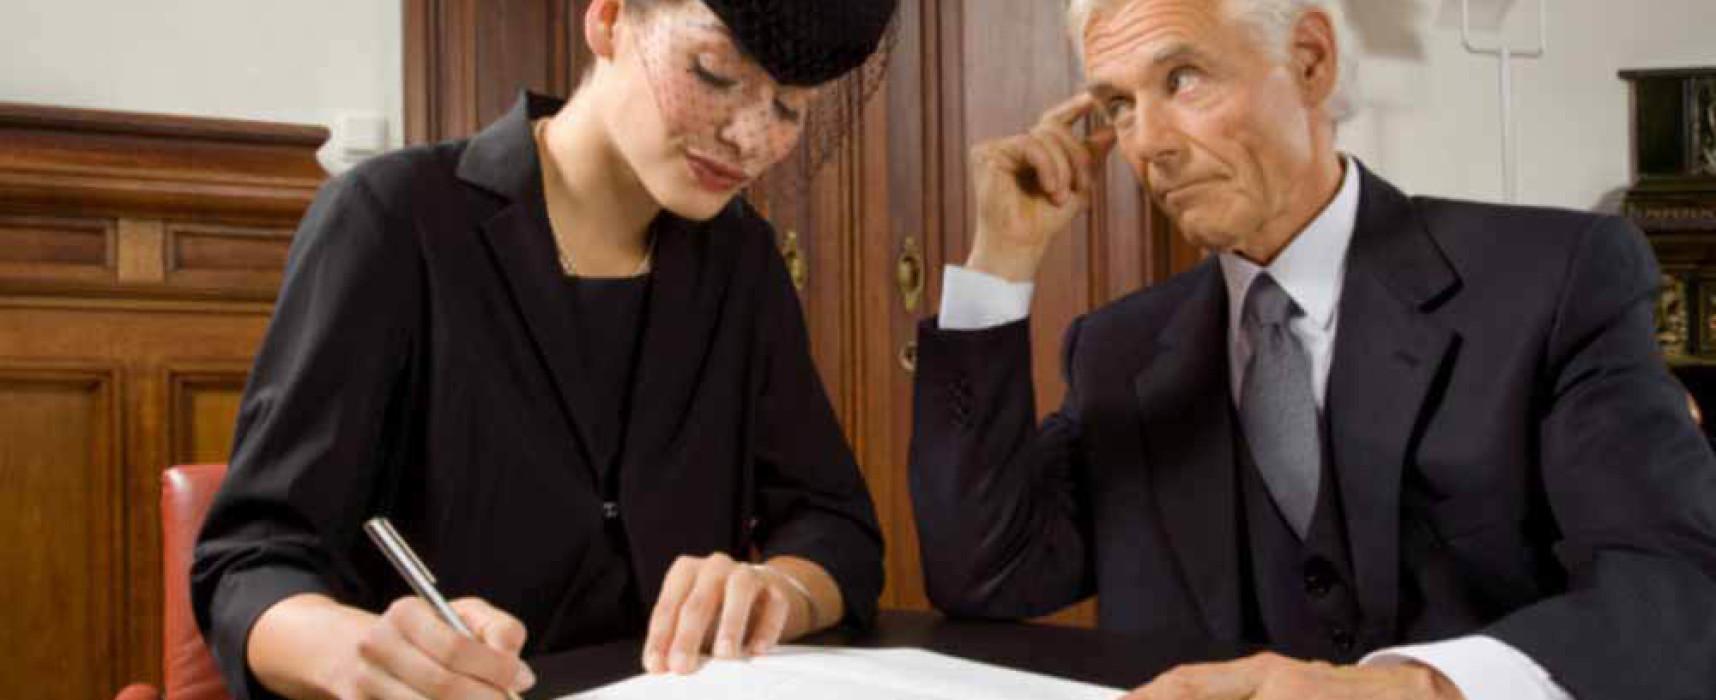 Недополученная пенсия в случае смерти получателя: кто вправе претендовать, порядок получения